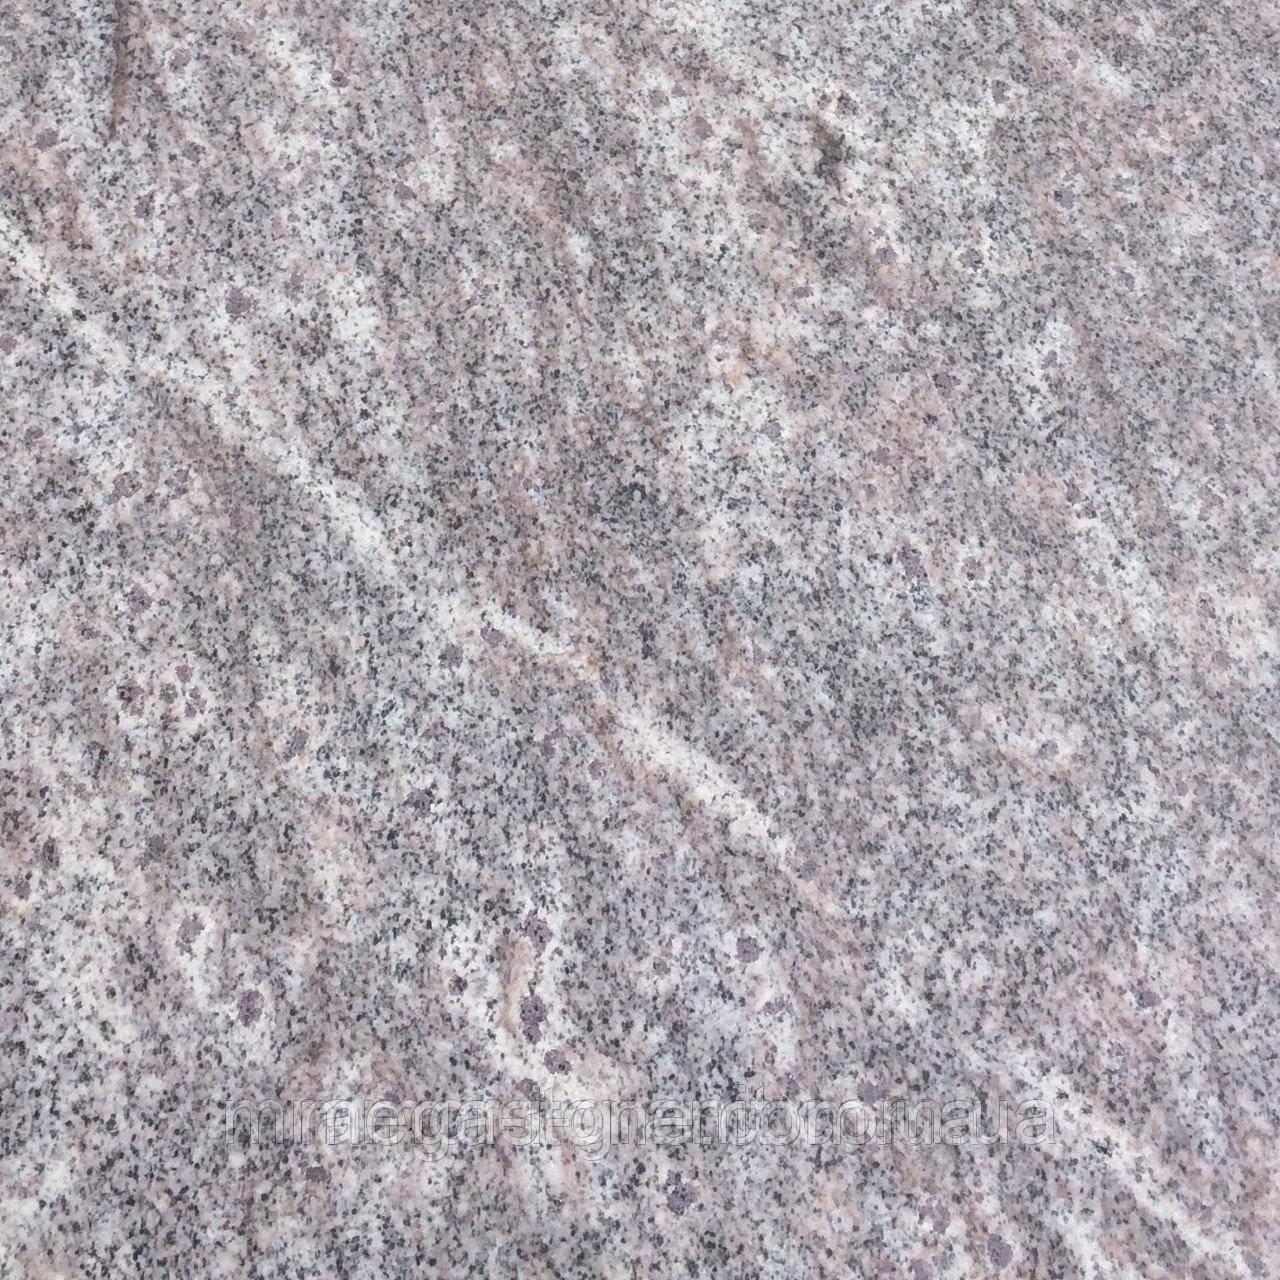 Гранат (Украина) Плита 20 мм